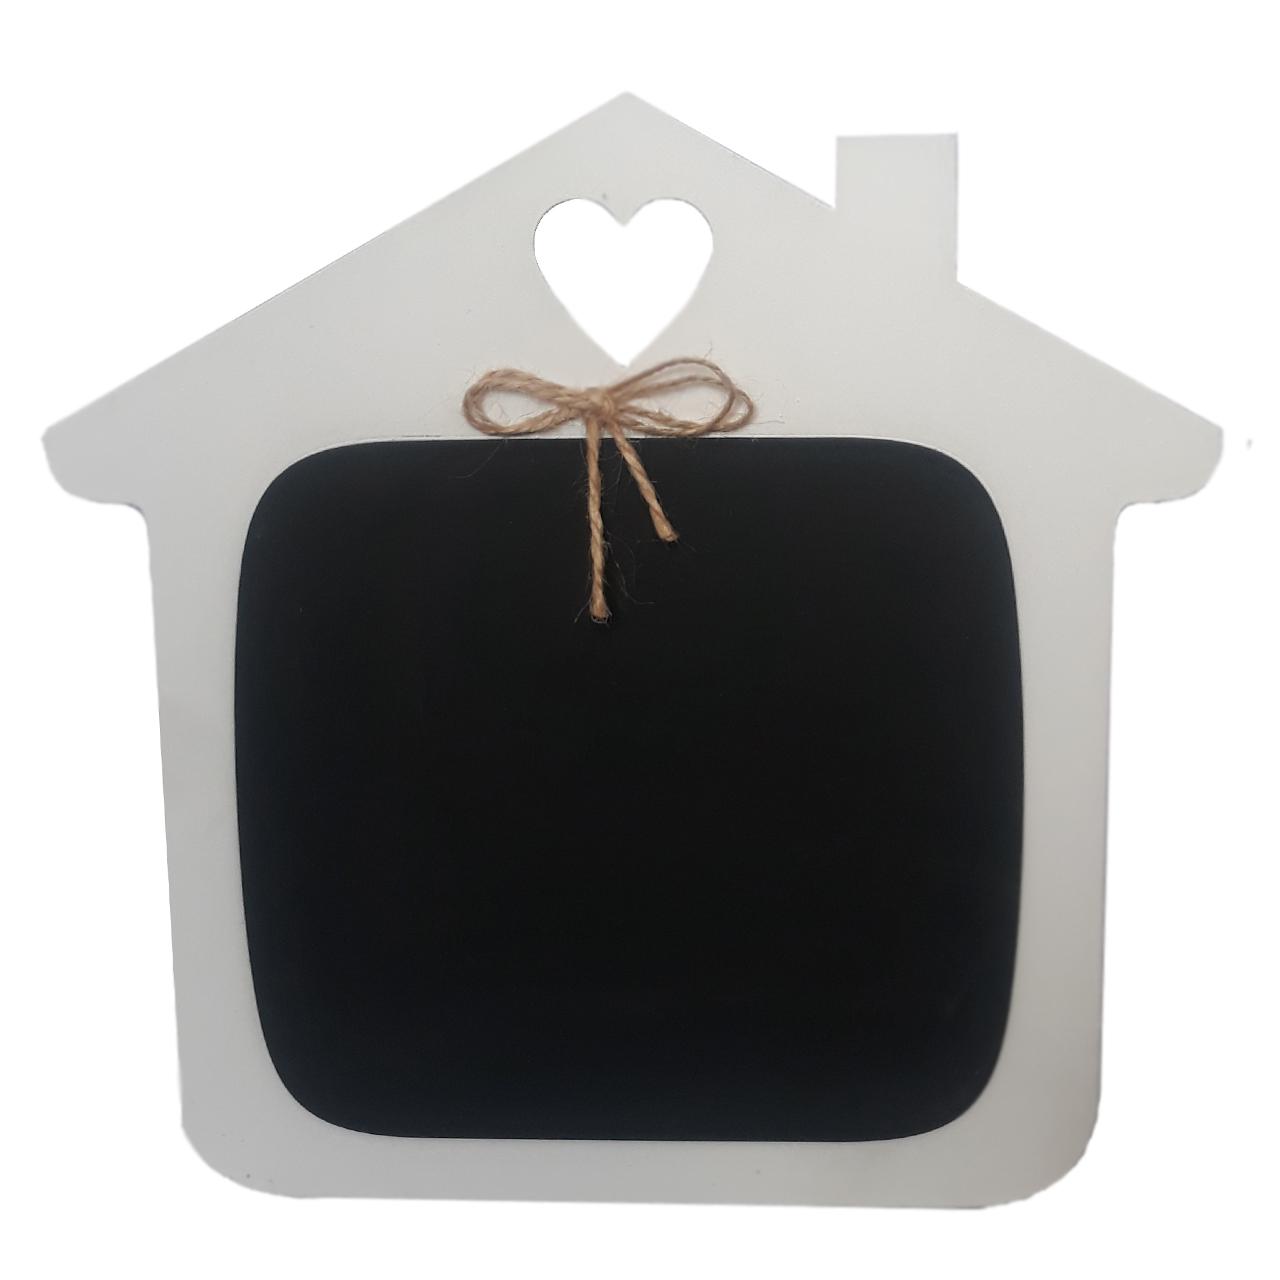 تخته سیاه مدل خانه کد 10124 سایز 20*25 سانتی متری